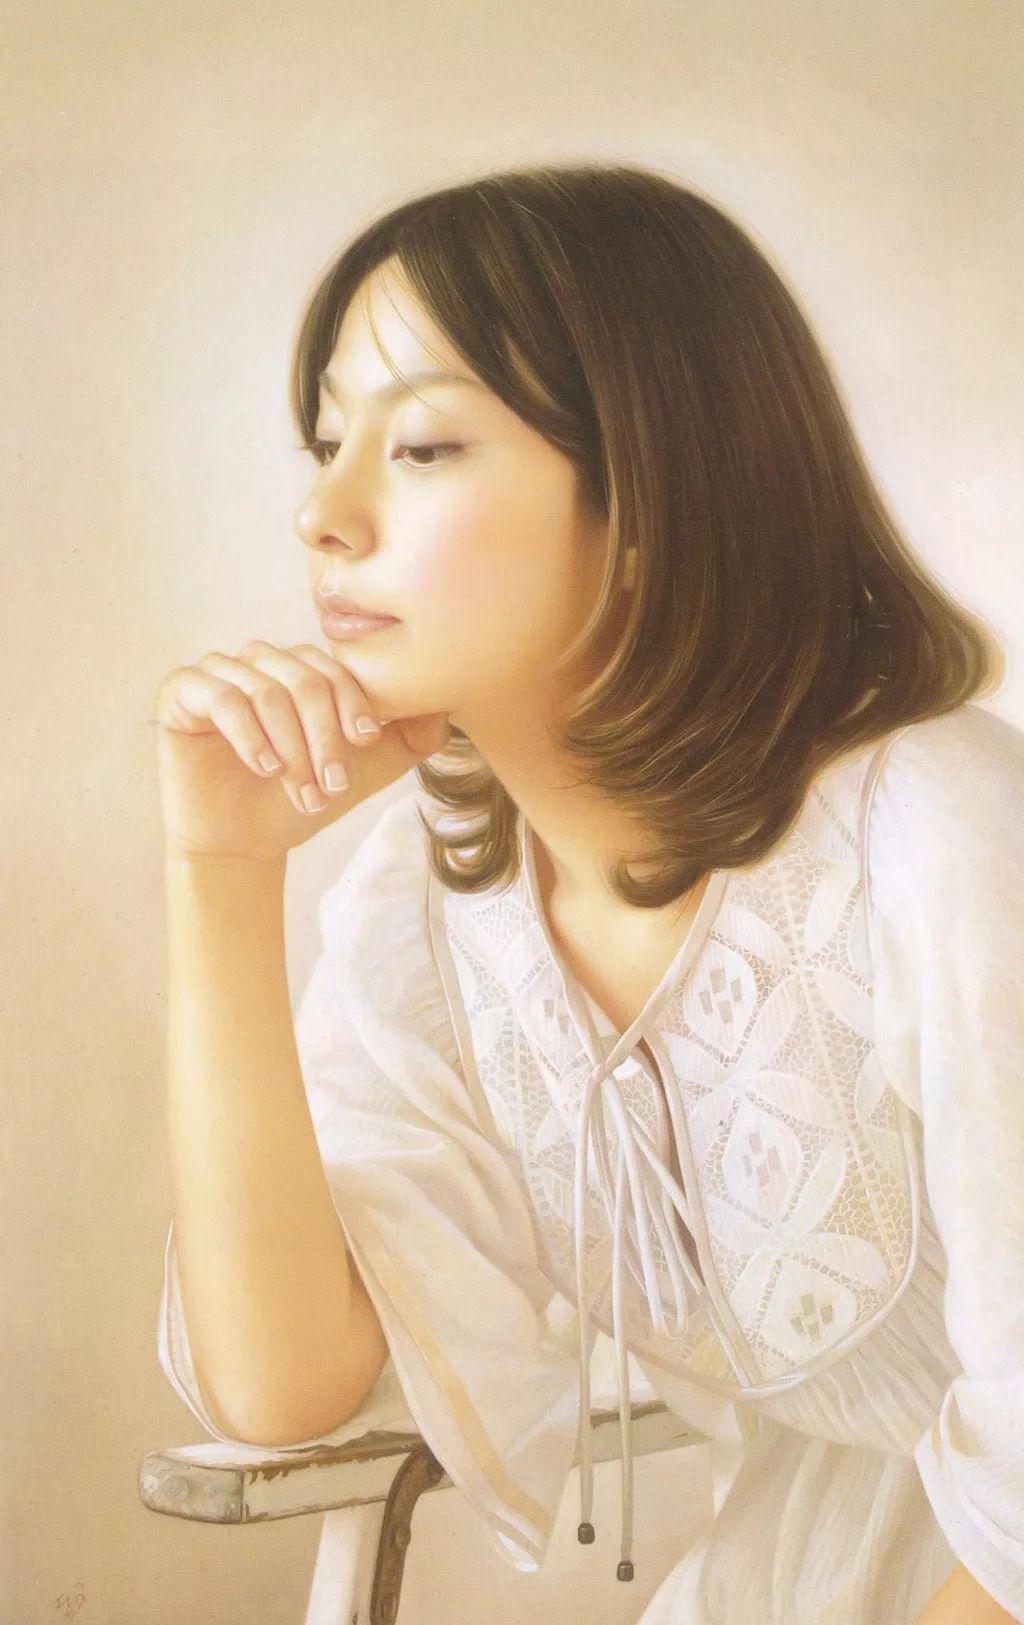 日本青年写实油画 22位画家作品插图109